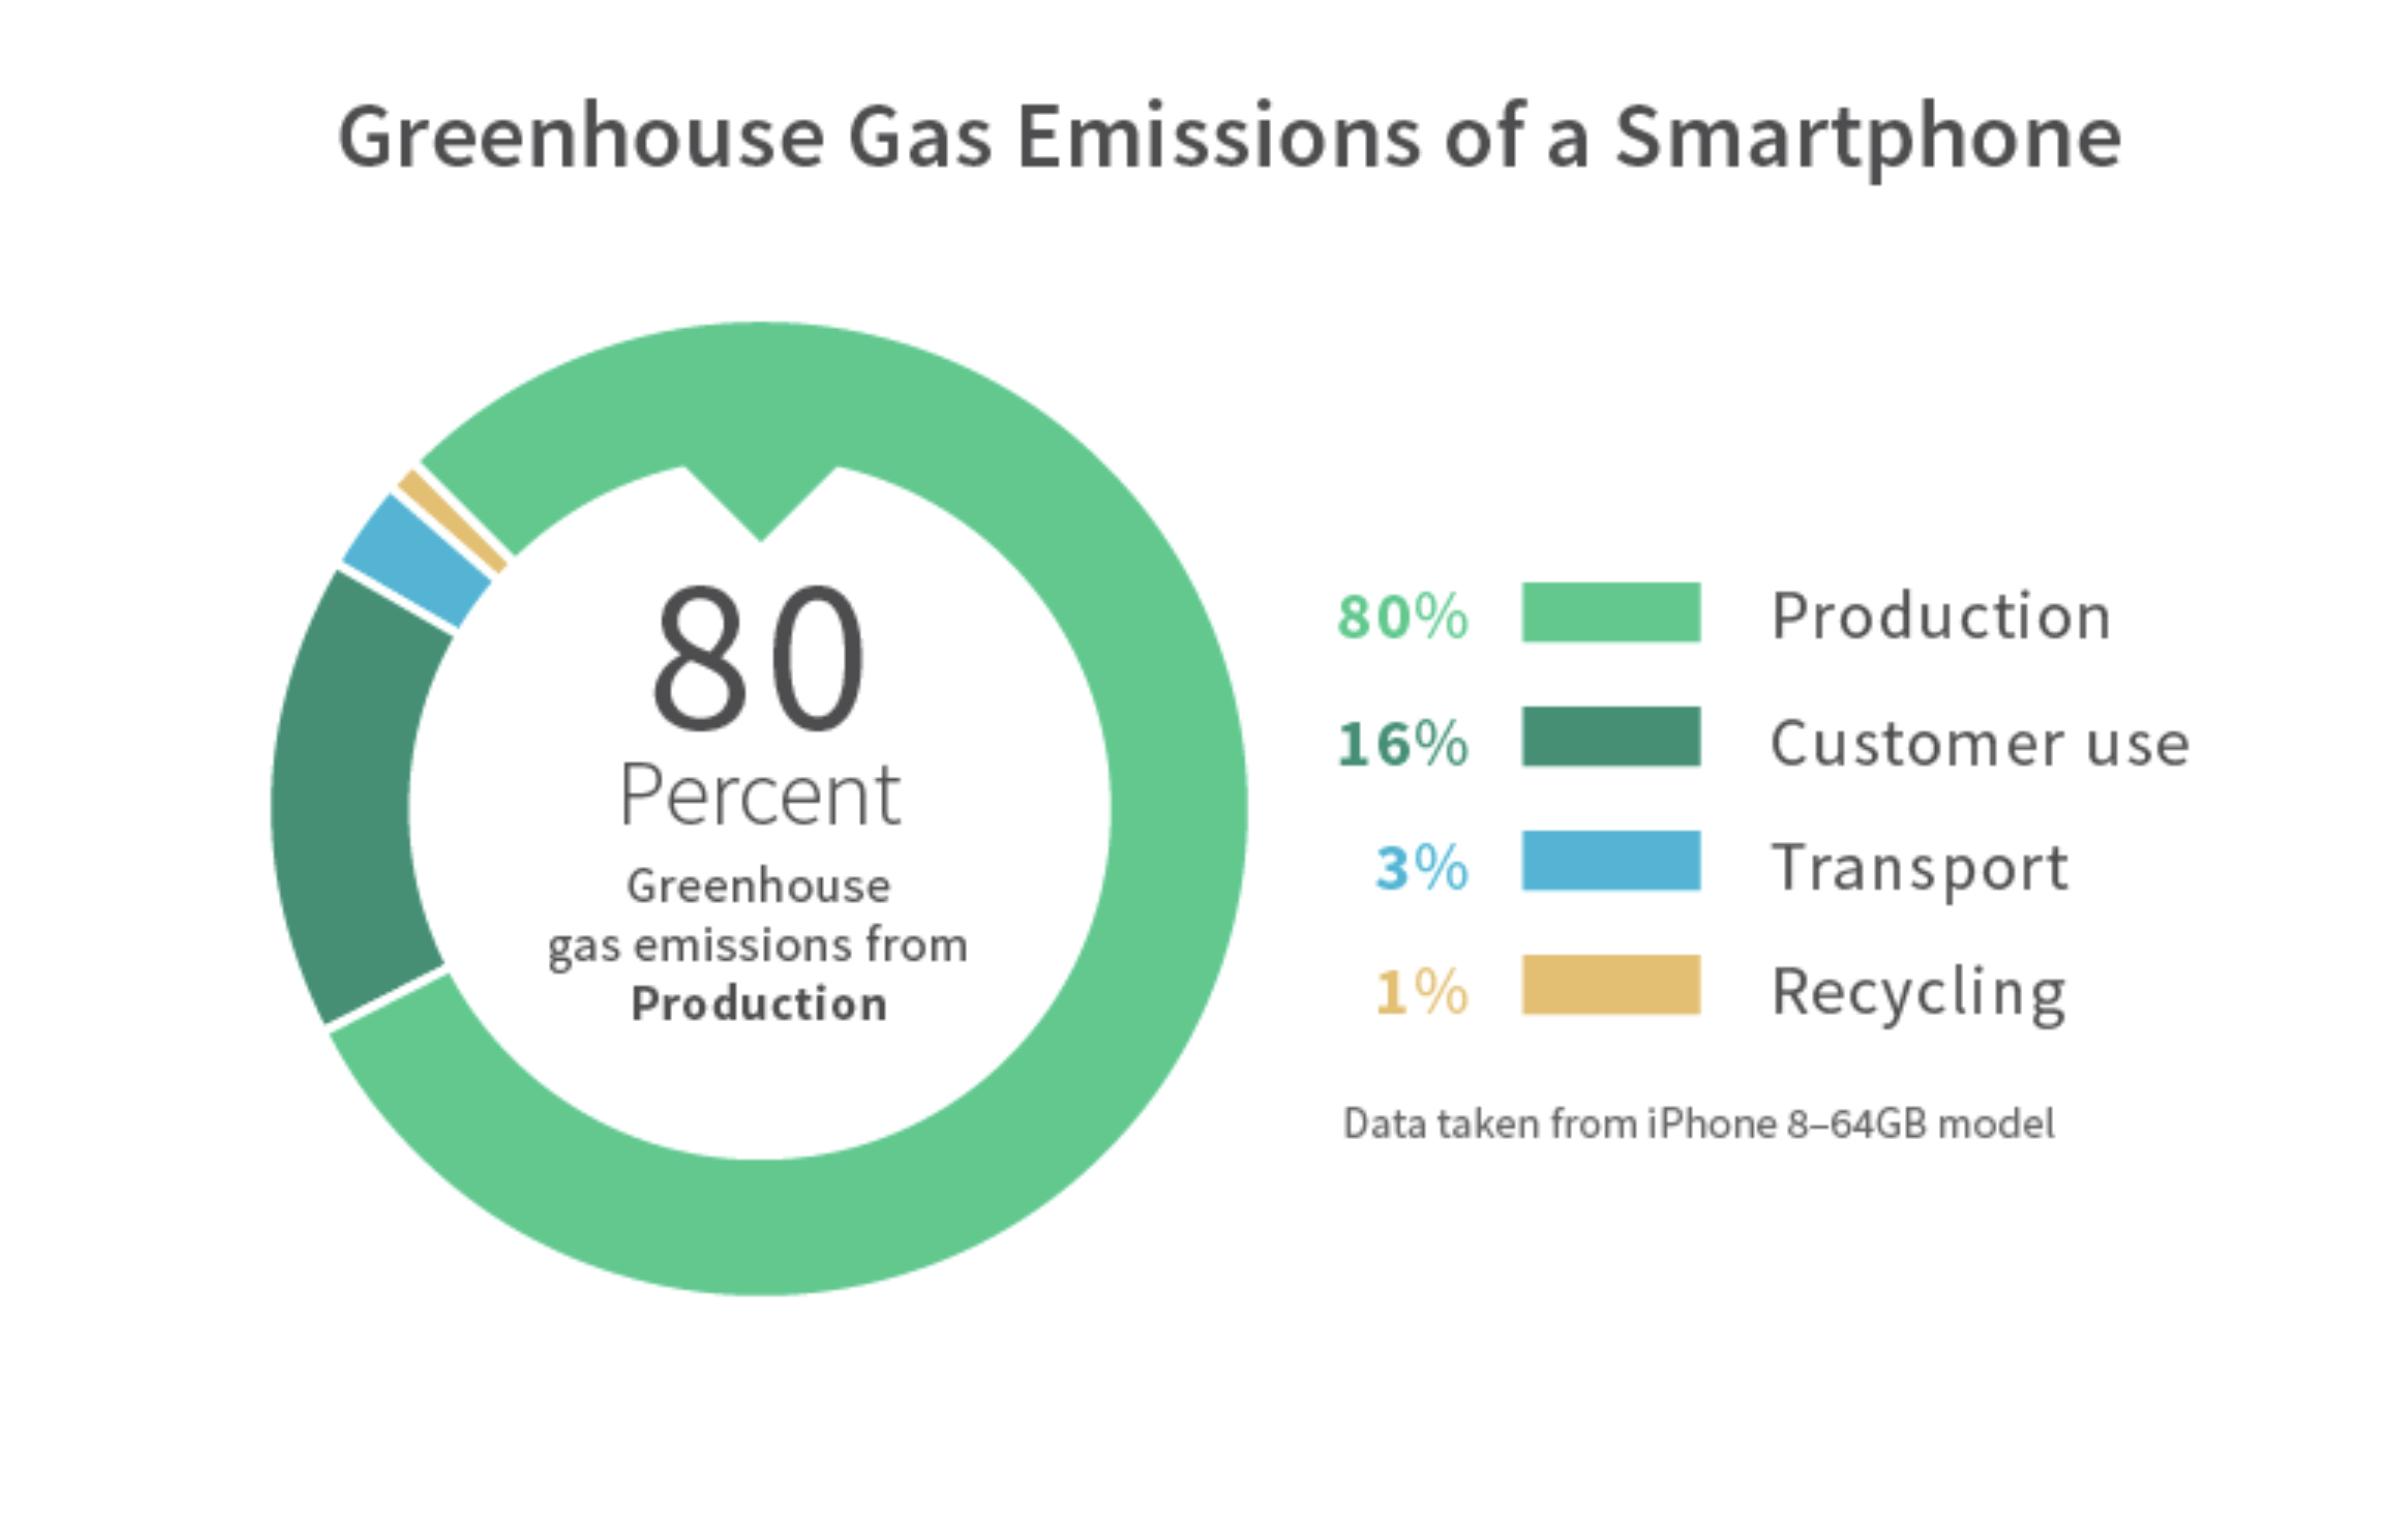 El mayor impacto ambiental de los teléfonos inteligentes ocurre durante la fabricación